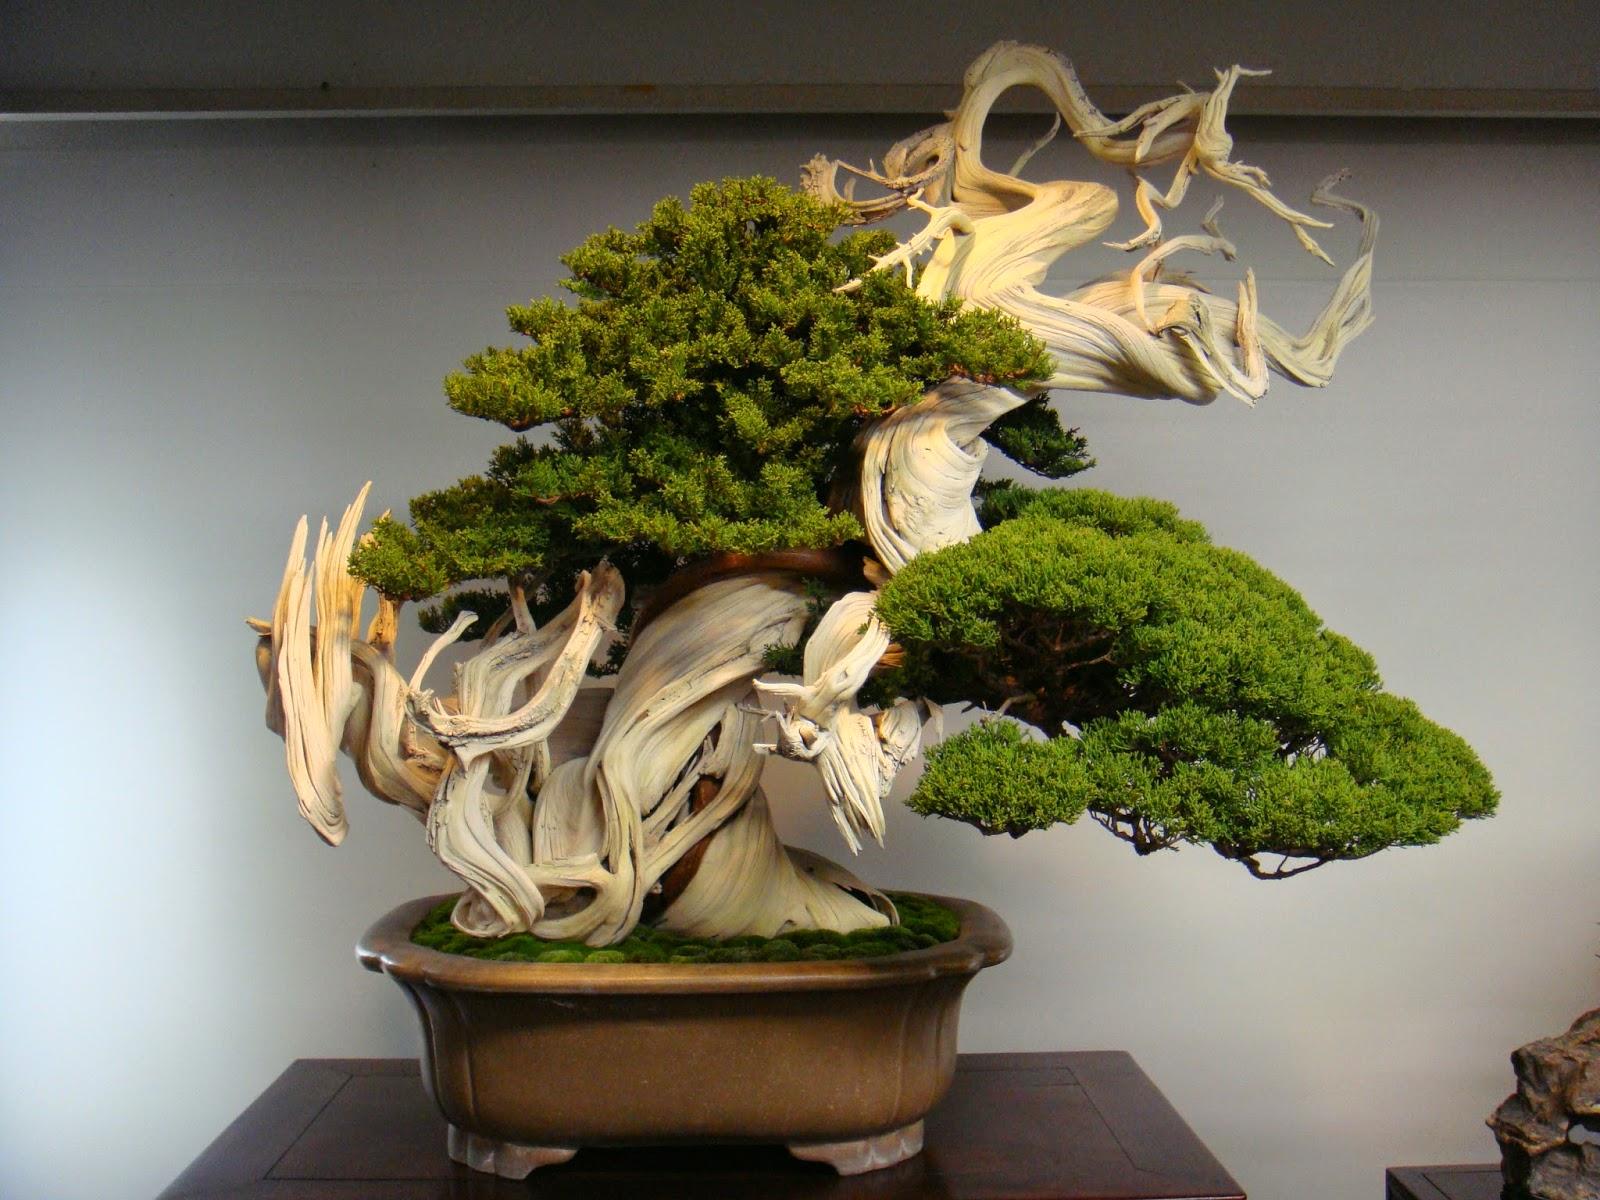 Eis aqui uma árvore Bonsai de 800 anos!